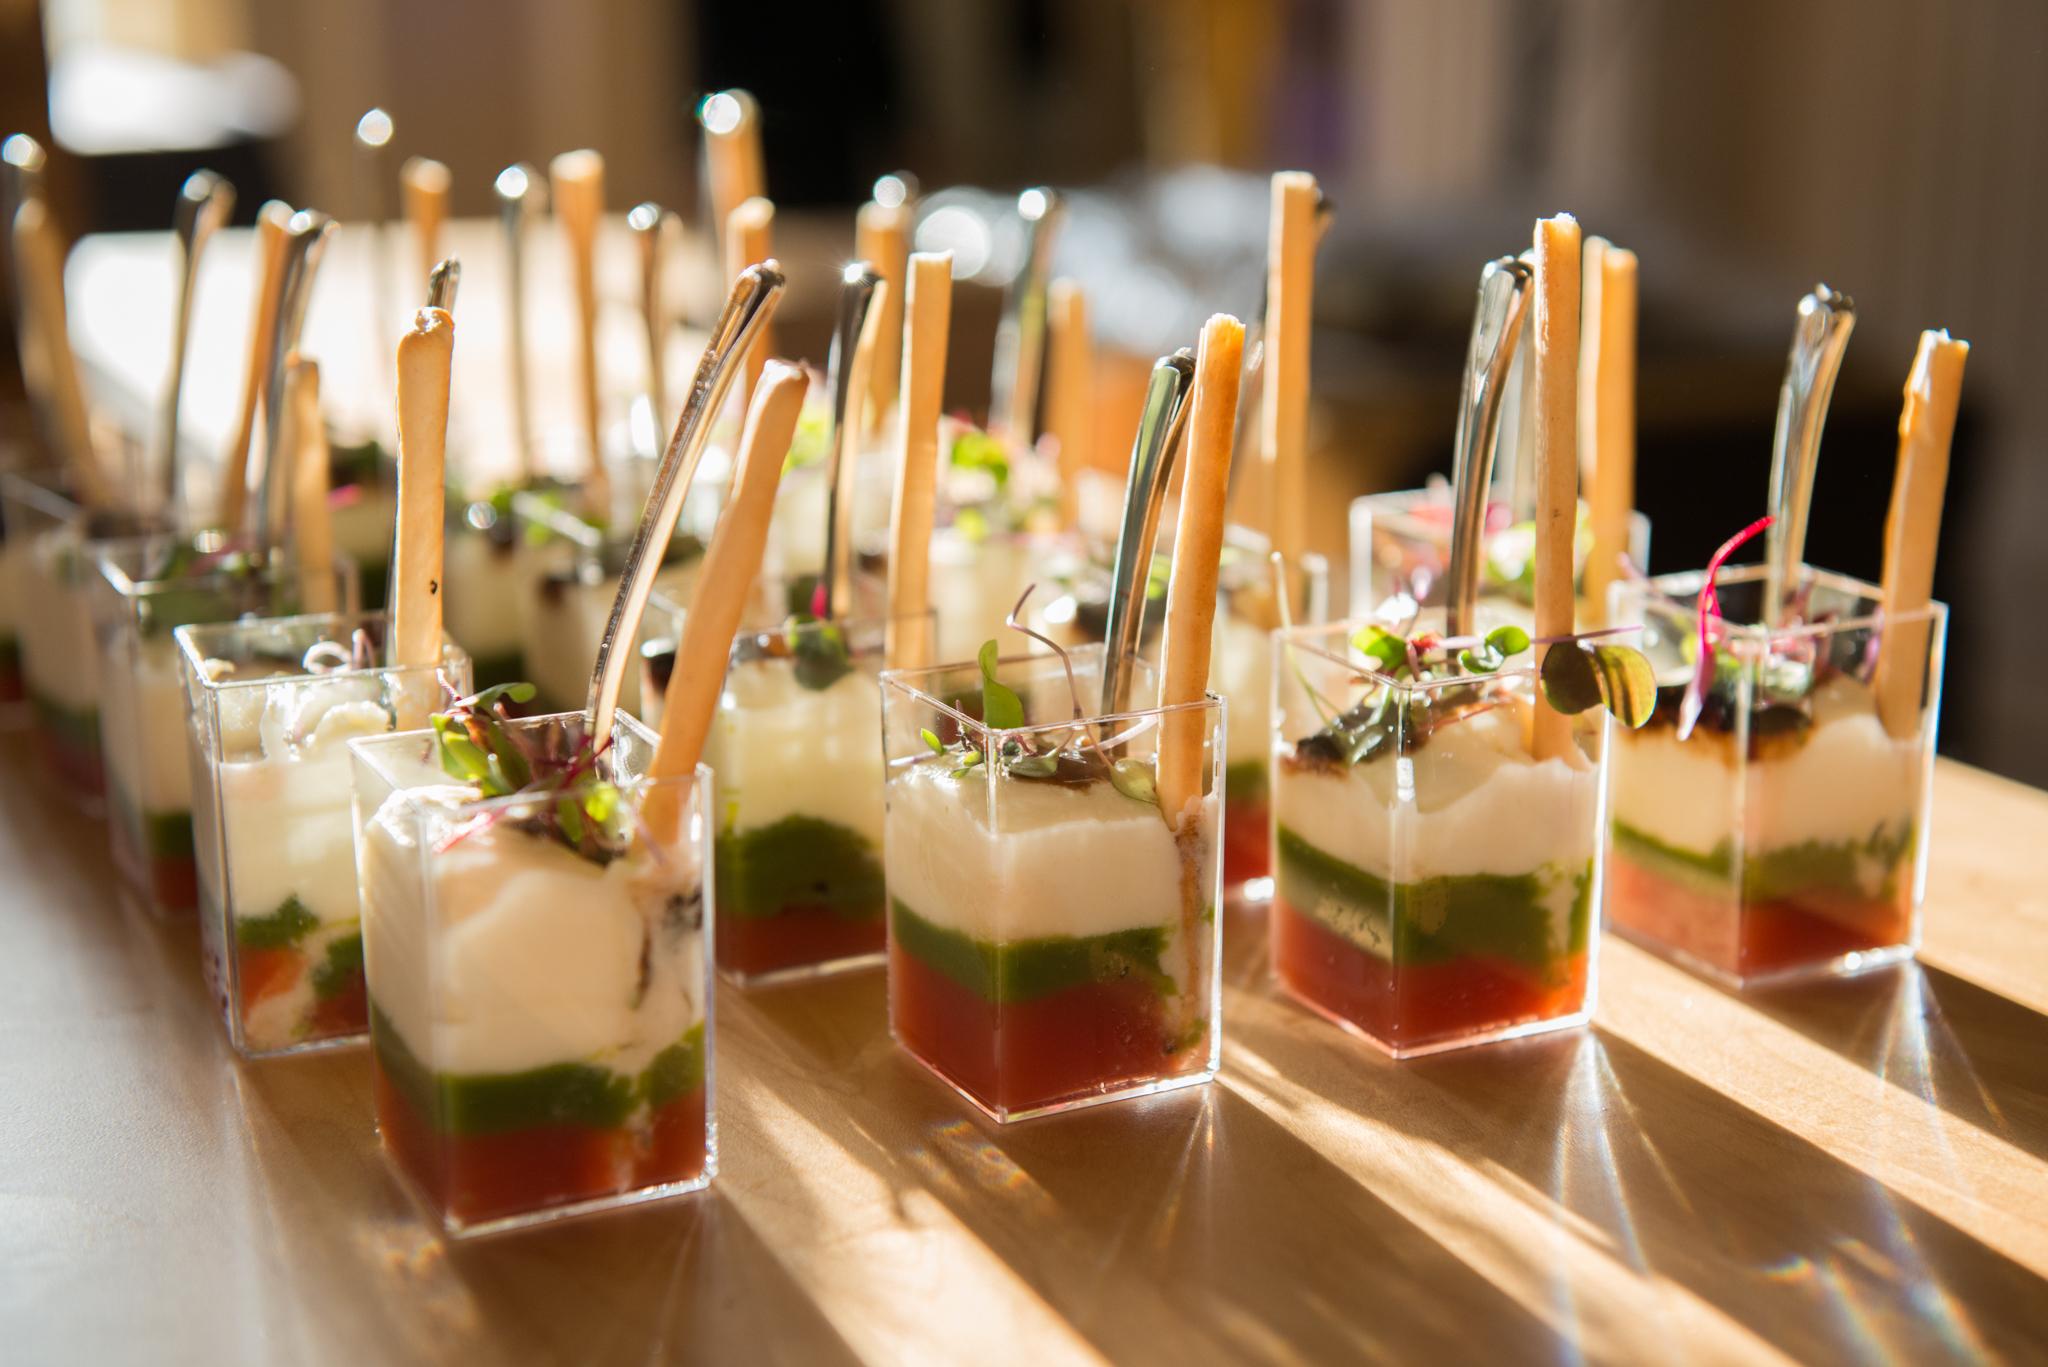 cuisine-13.jpg